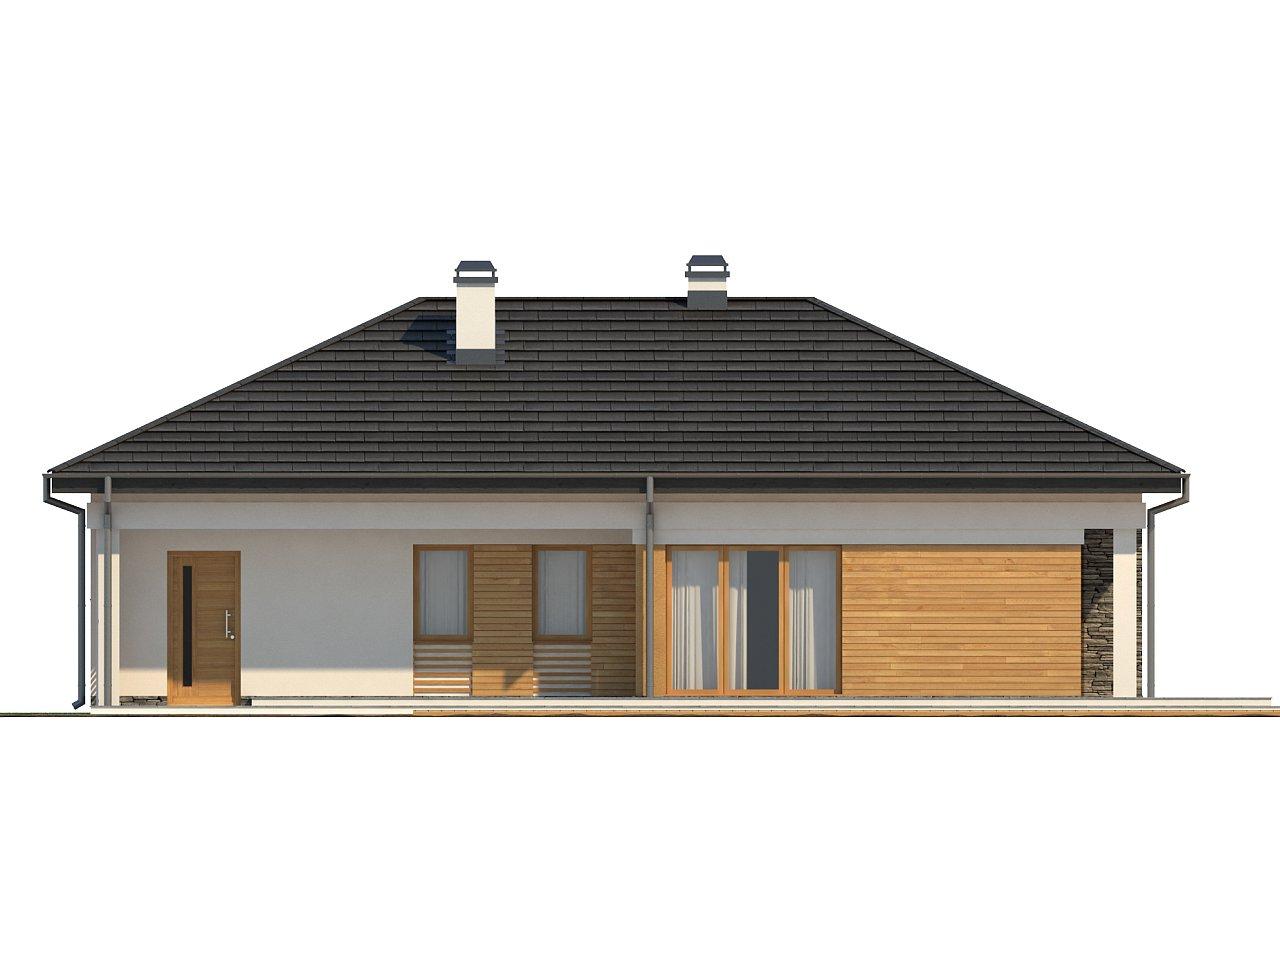 Проект функционального одноэтажного дома. Ночная зона во фронтальной части, кухня со стороны сада. 23